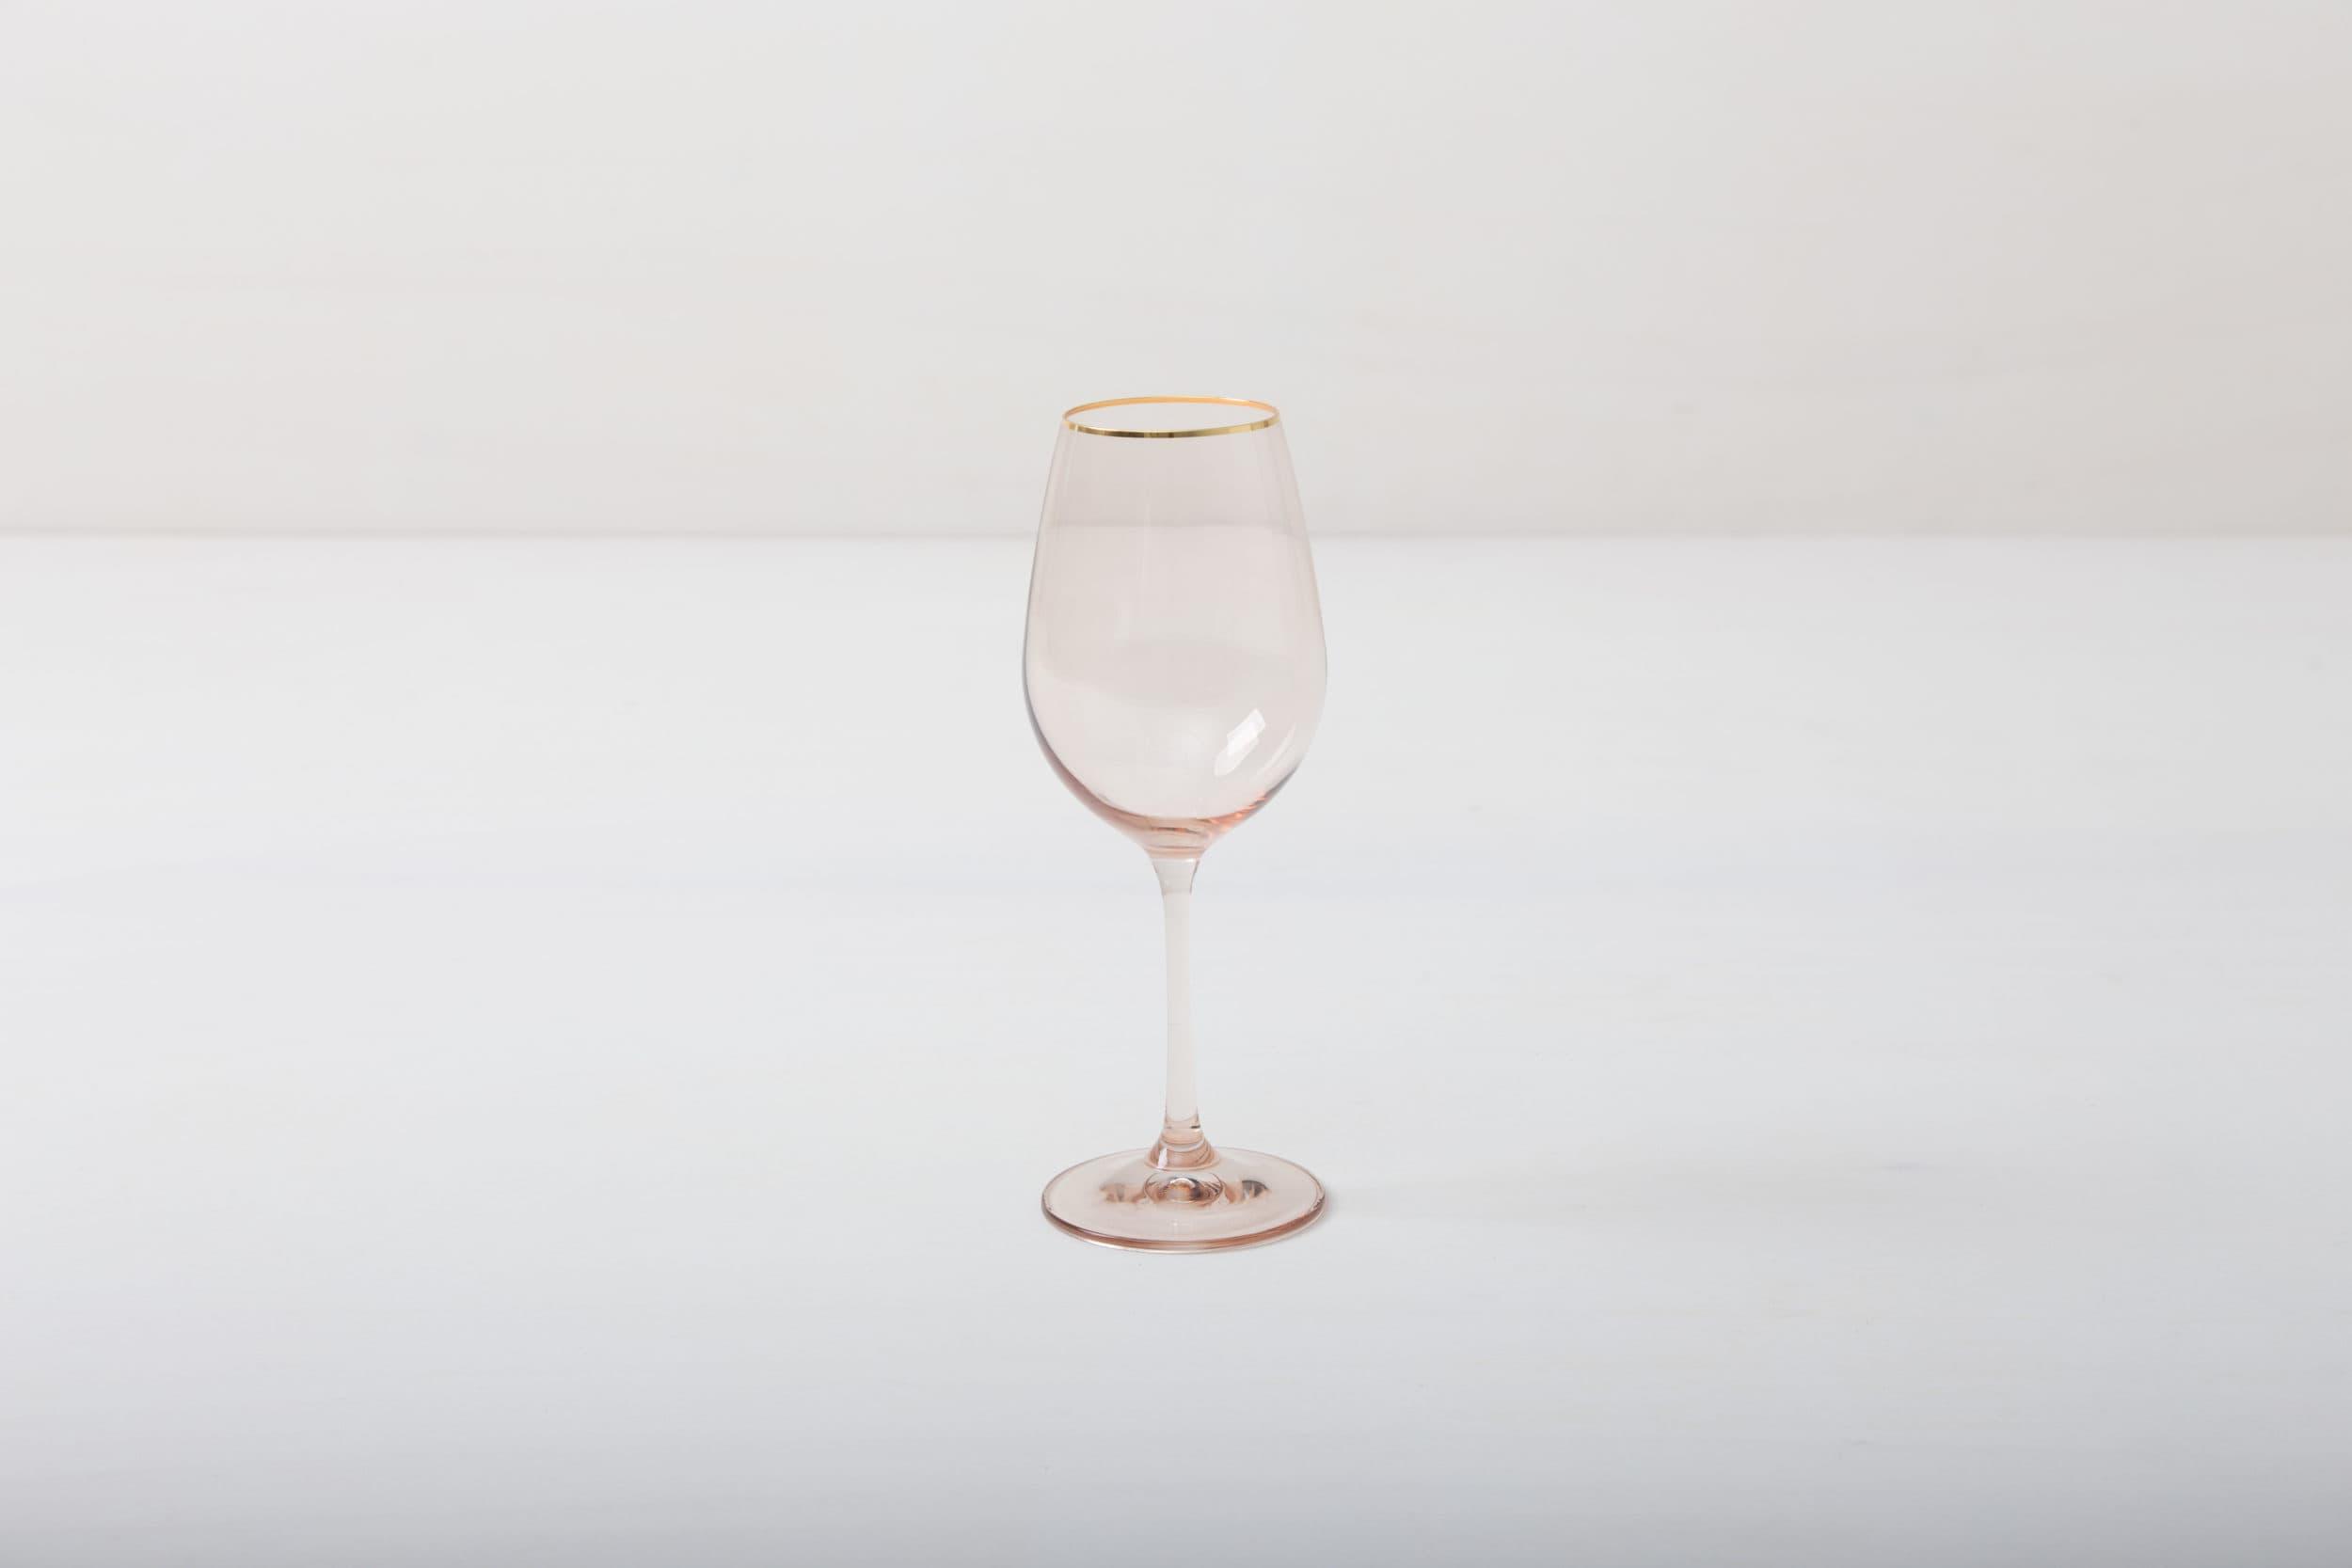 Gläserverleih, Geschirrverleih, Besteckverleih, Weingläser mieten Berlin